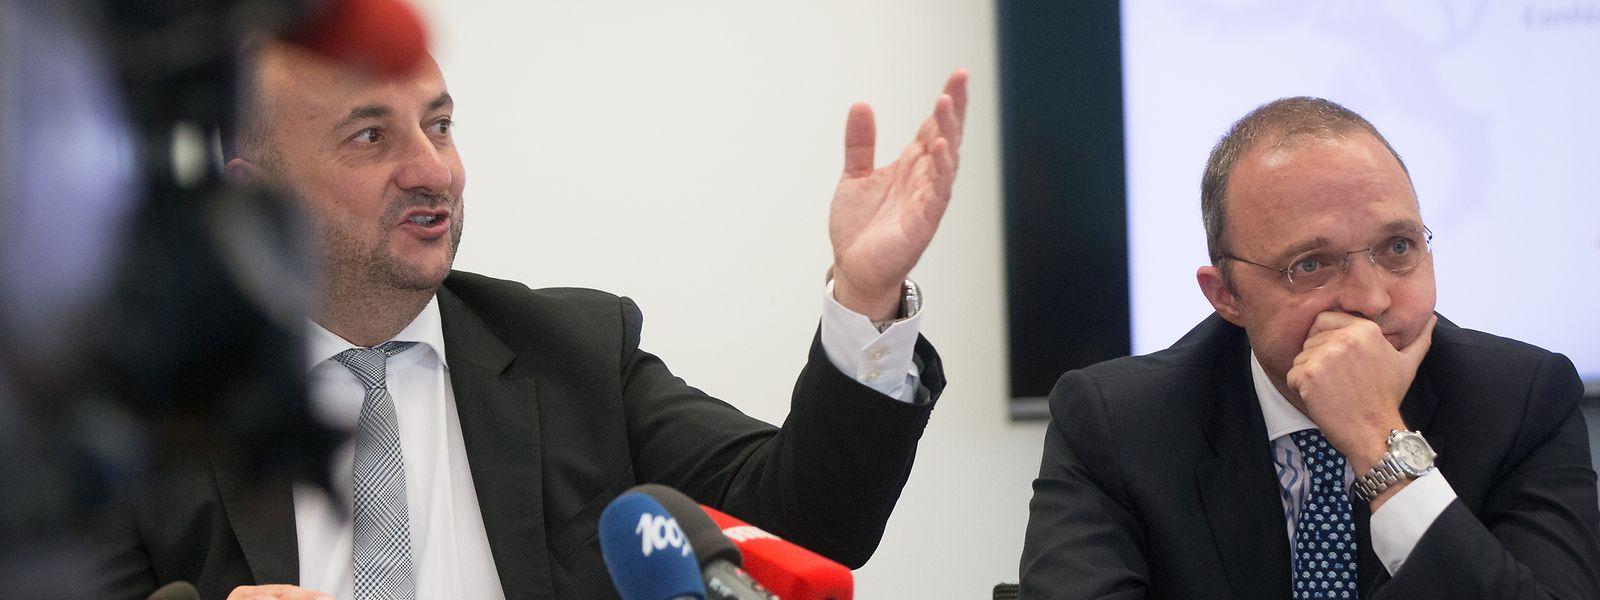 Annoncée en juillet 2016, l'implantation de l'usine Fage devait représenter un investissement de 227 millions d'euros et quelque 300 emplois, selon Etienne Schneider et les responsables de l'industriel grec.